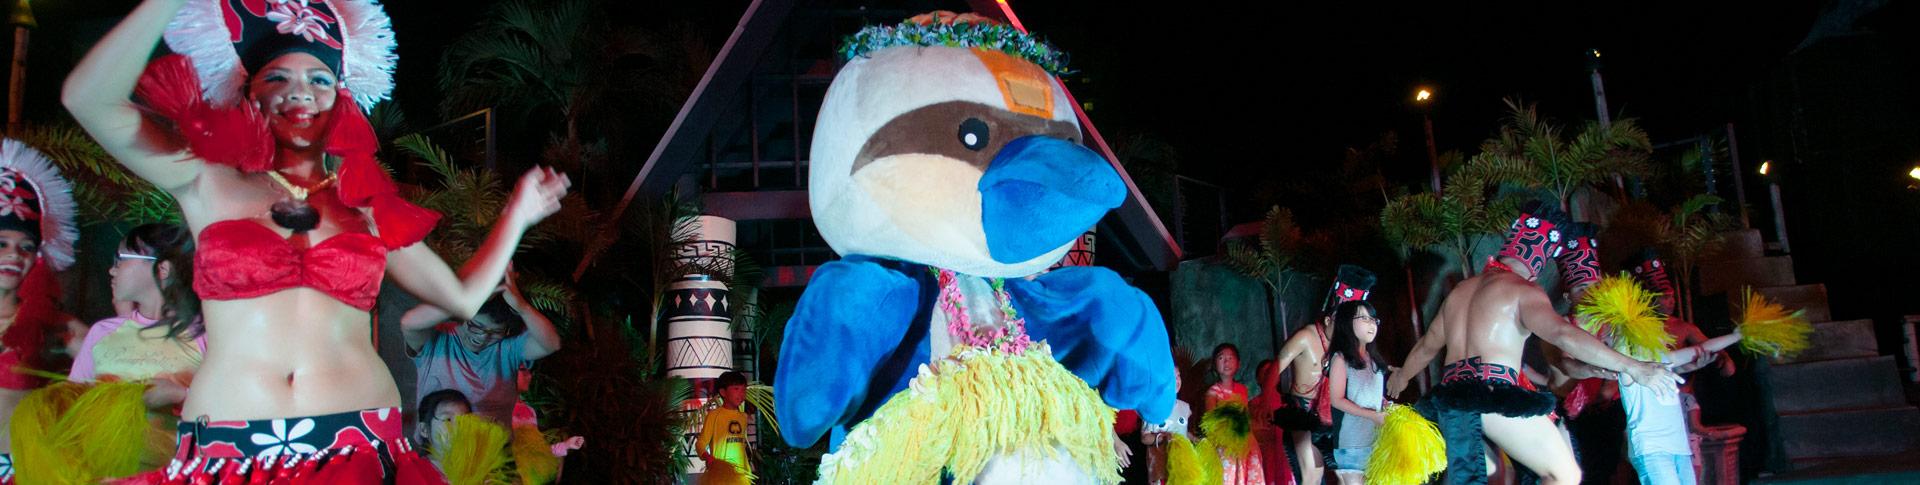 Тумон, Насладитесь семейным отдыхом с Шеки в Pacific Islands Club Гуам